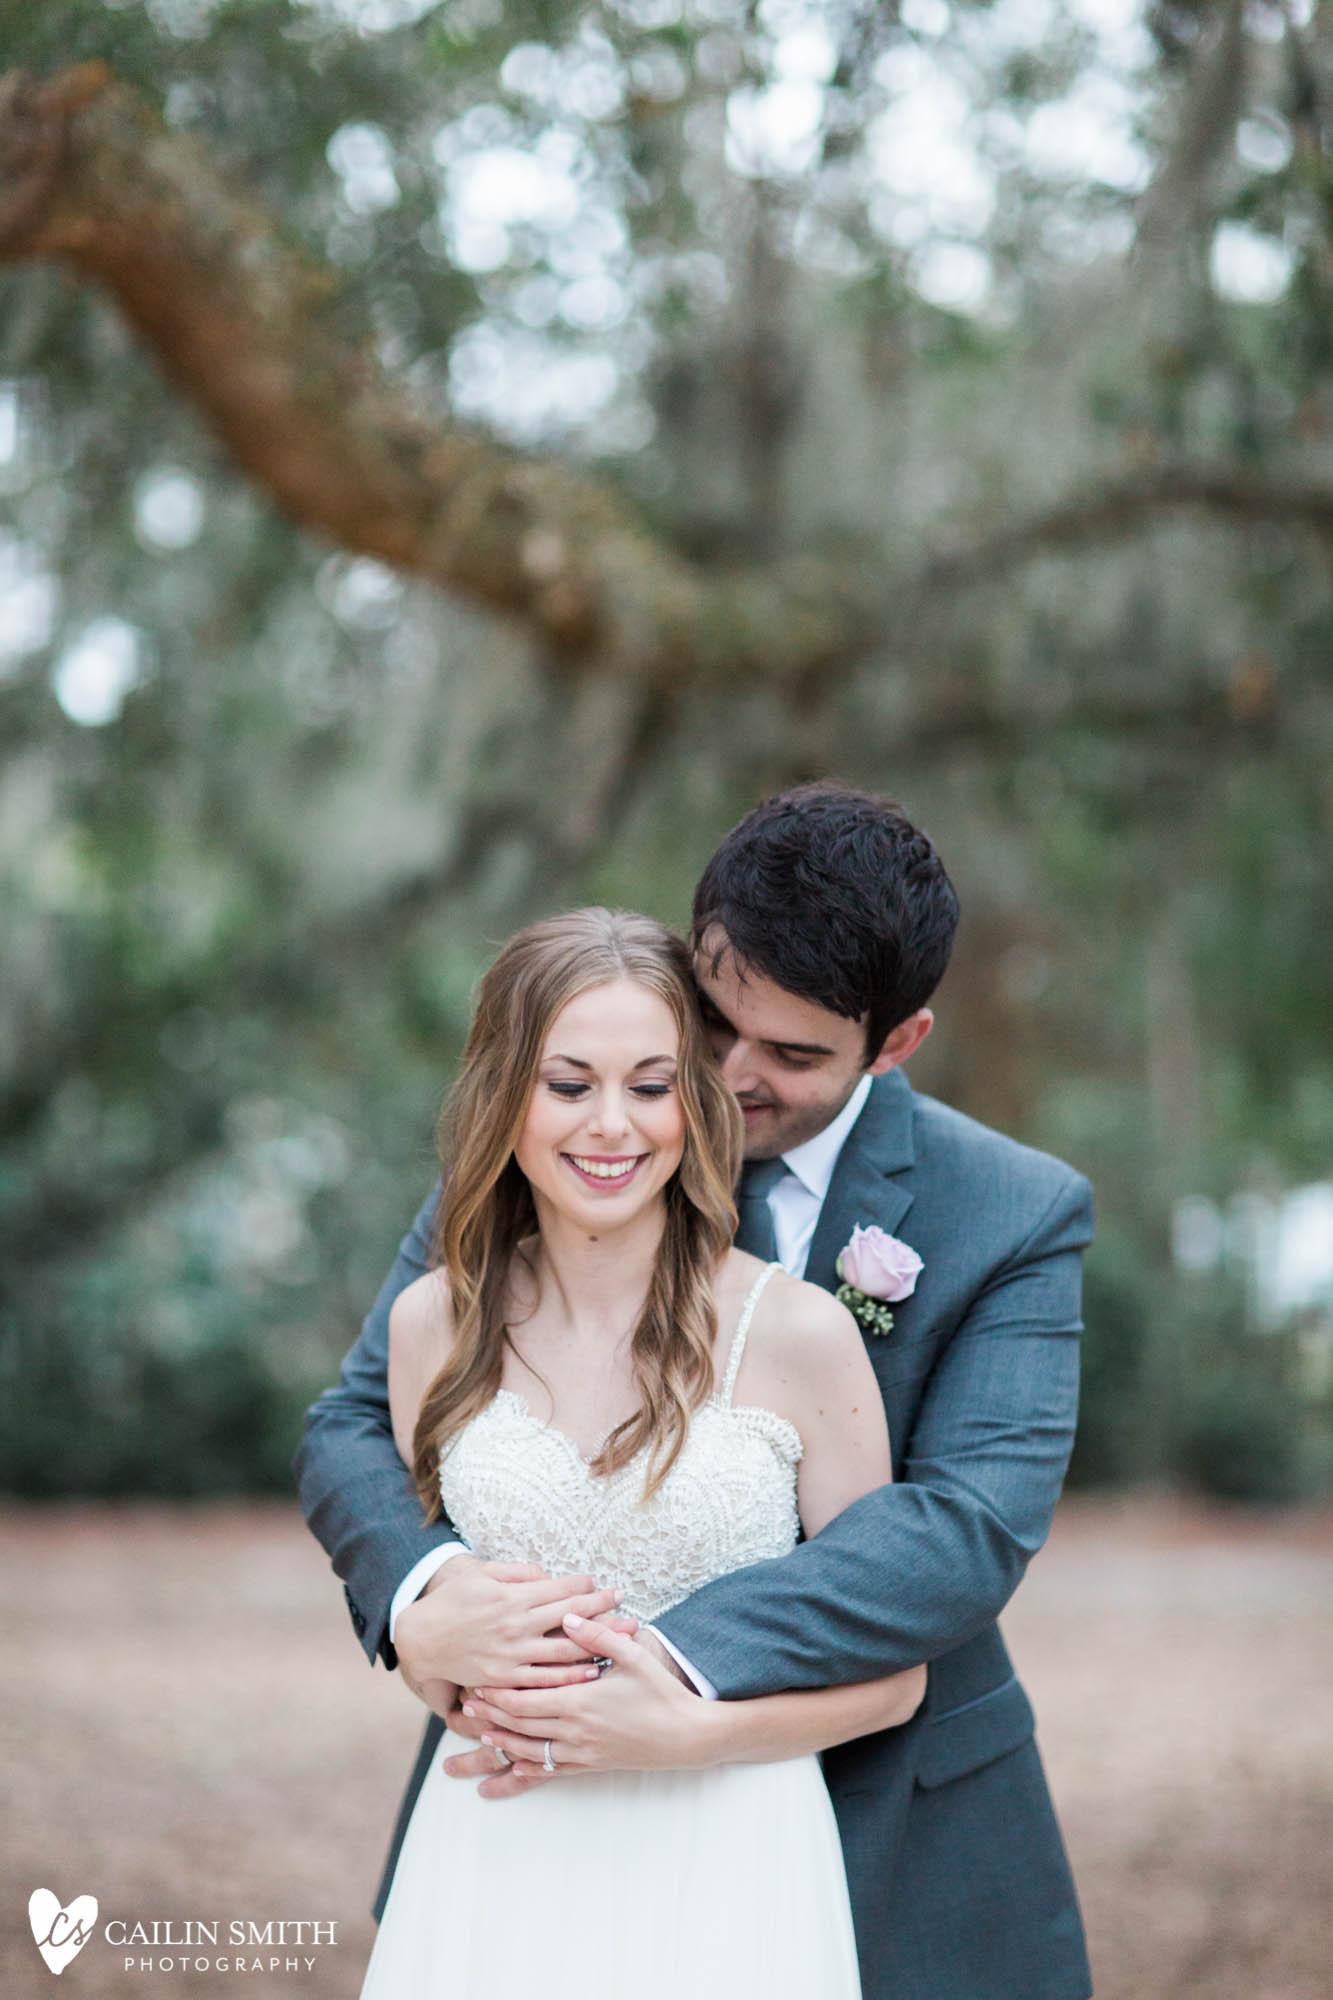 Sylvia_Anthony_Bowing_Oaks_Plantation_Wedding_Photography_0080.jpg